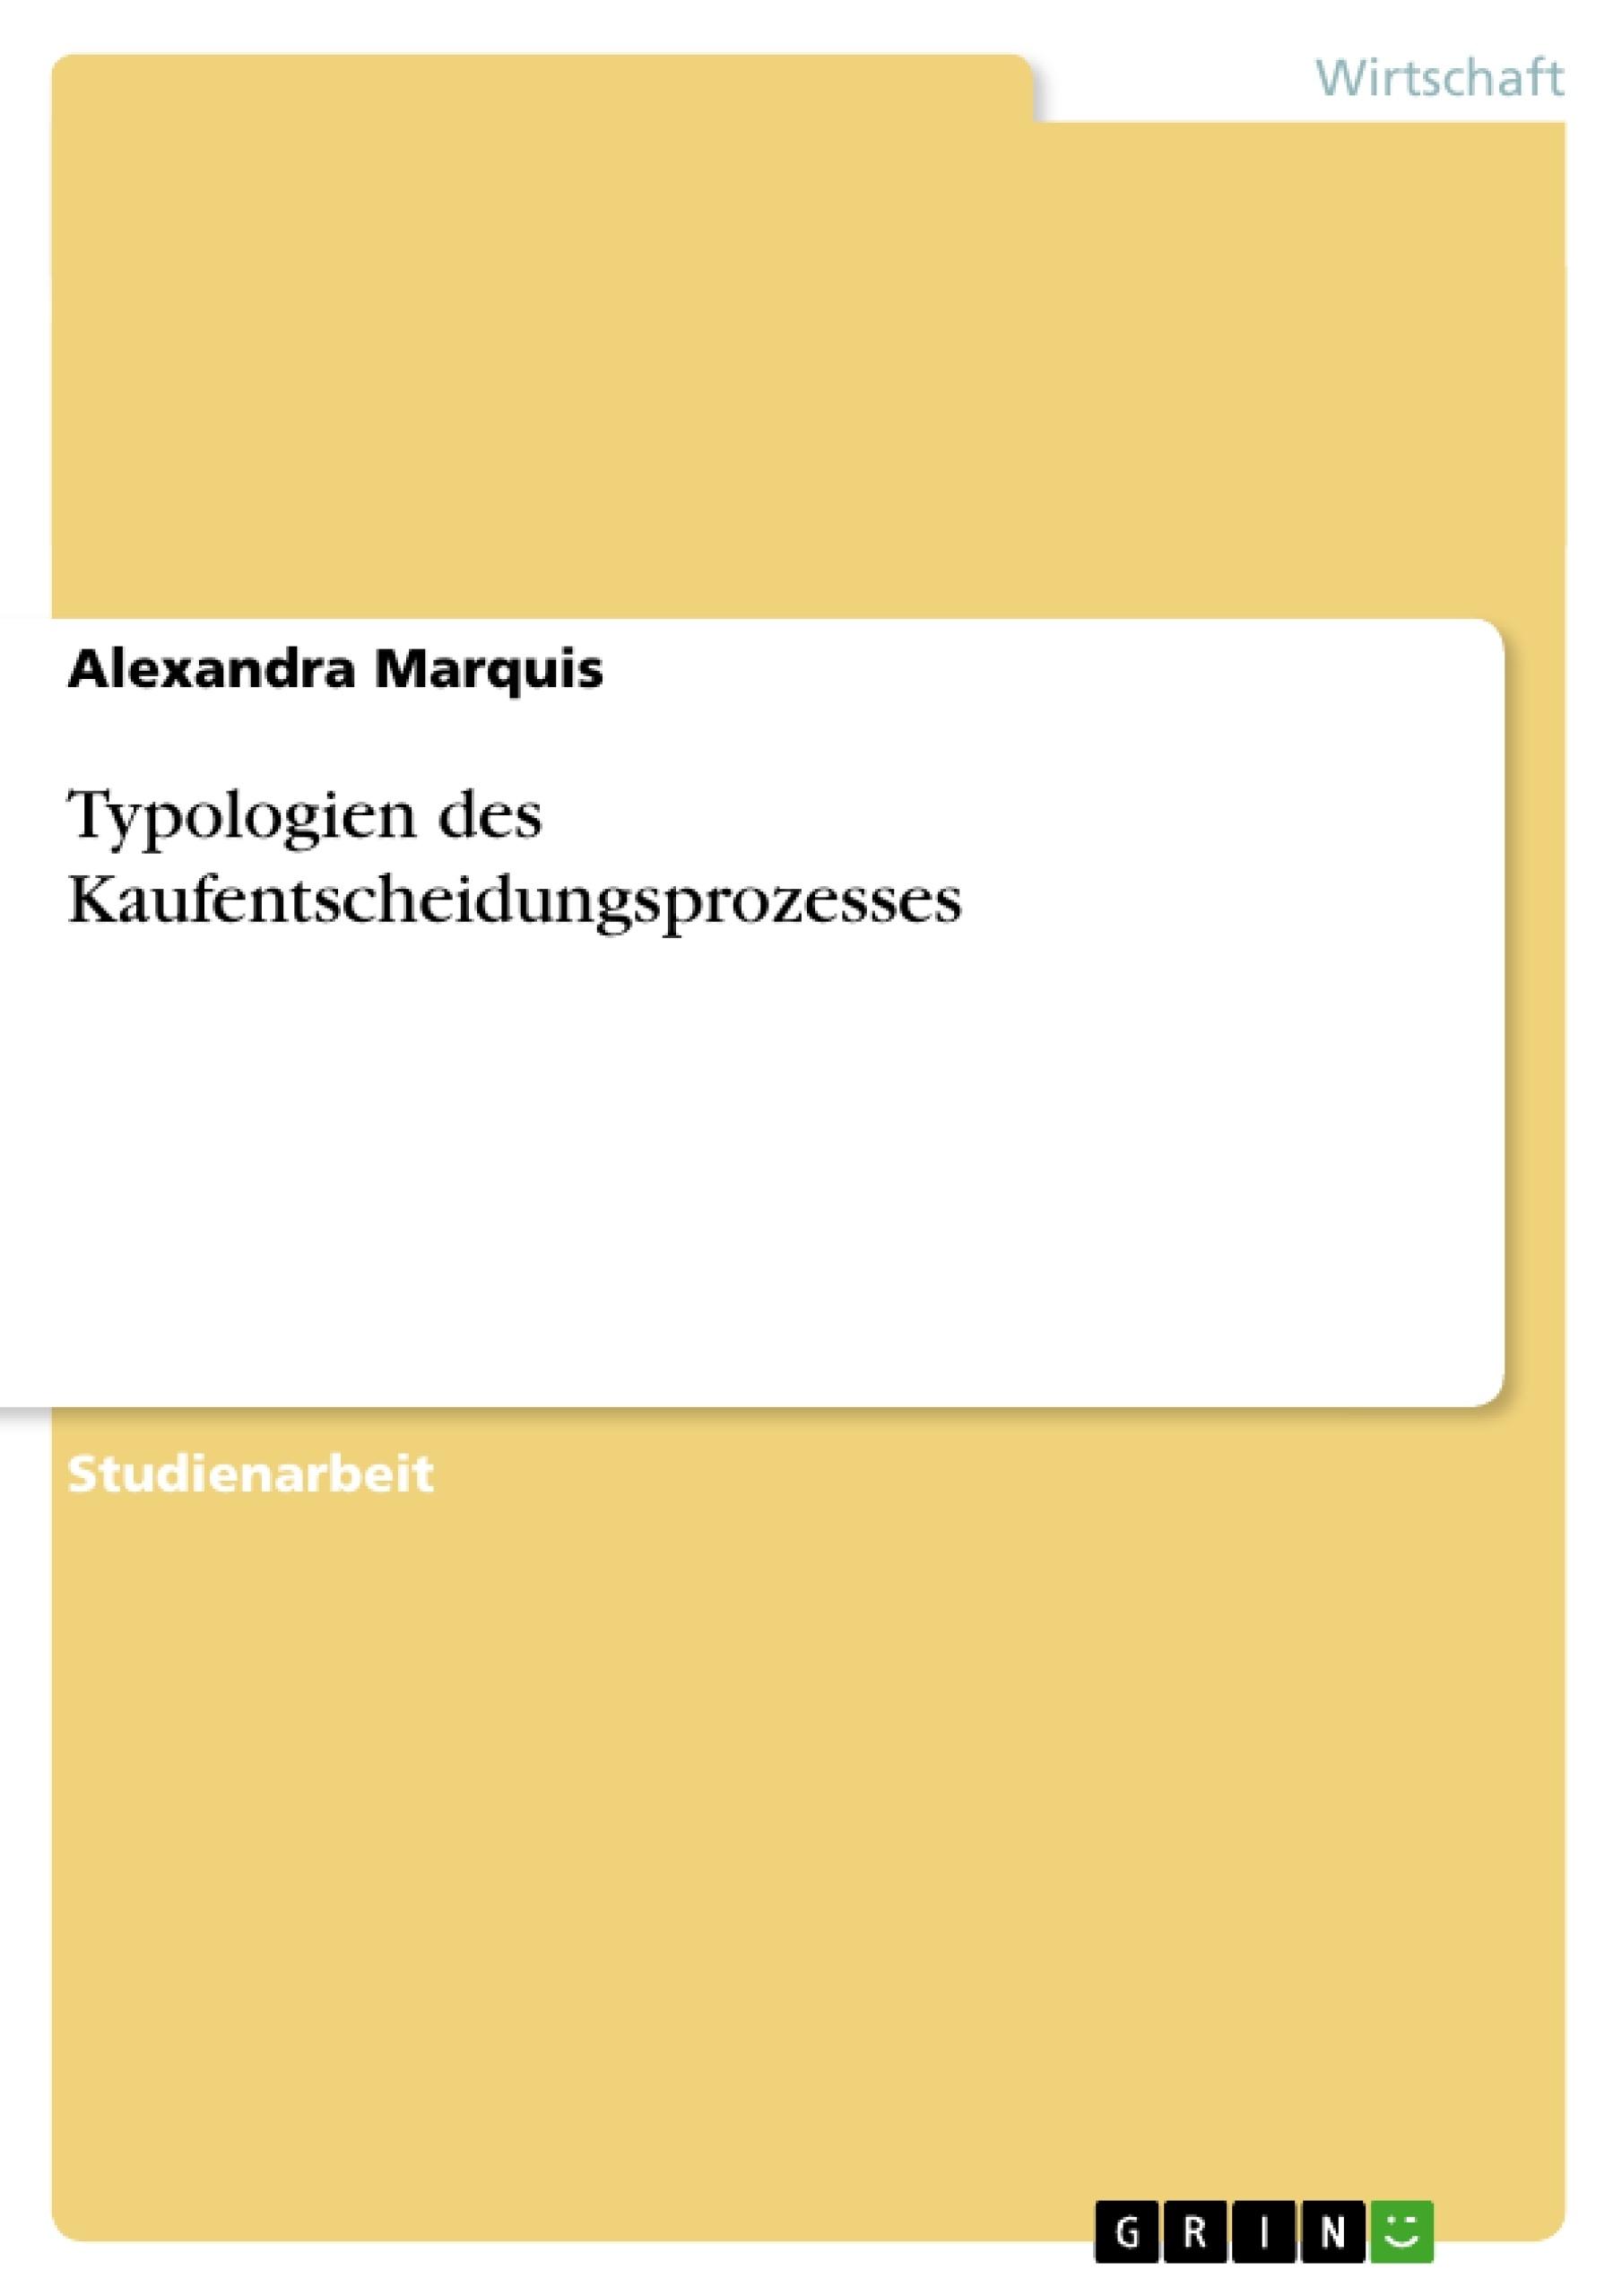 Titel: Typologien des Kaufentscheidungsprozesses